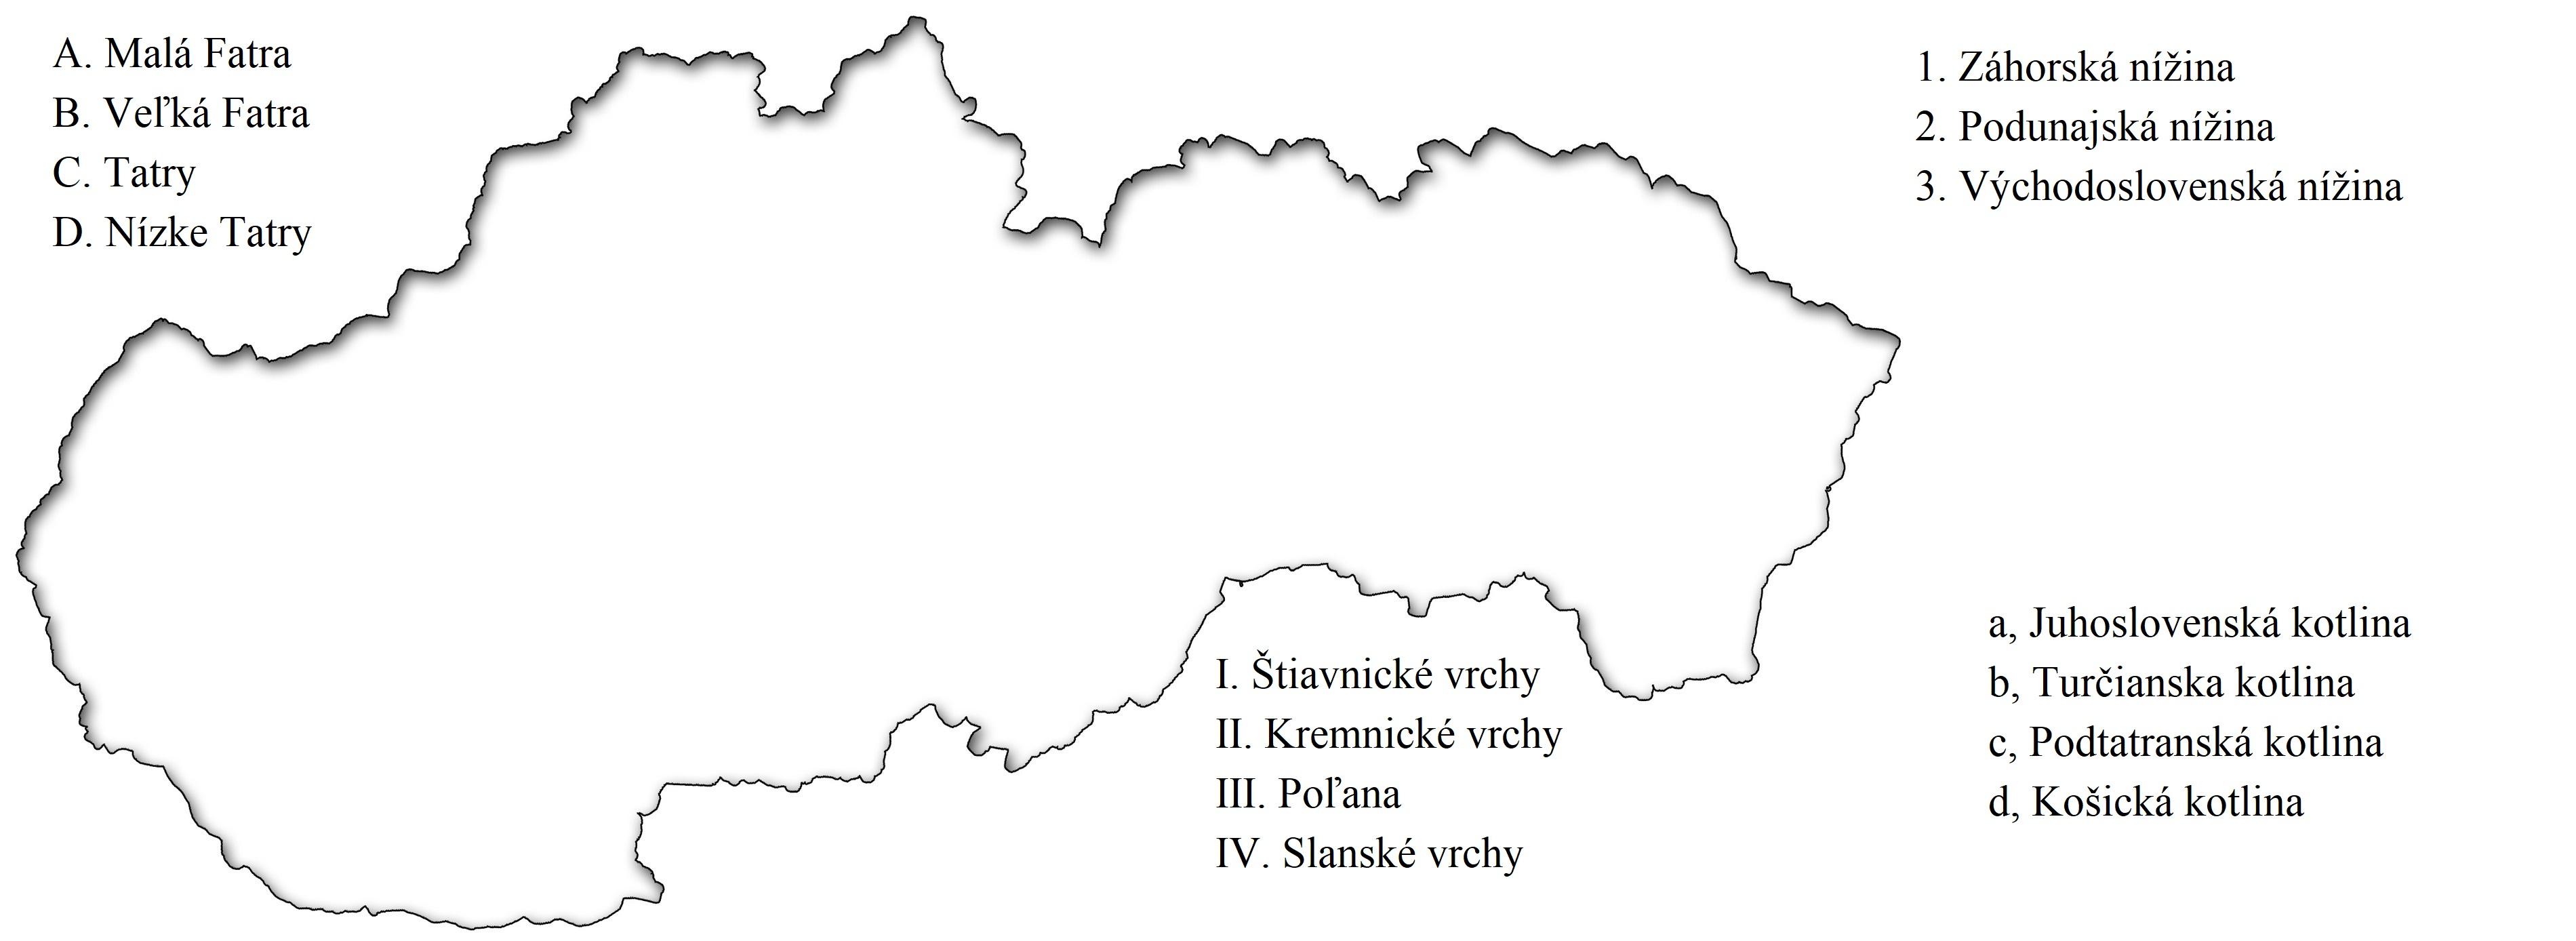 slovensko povrch